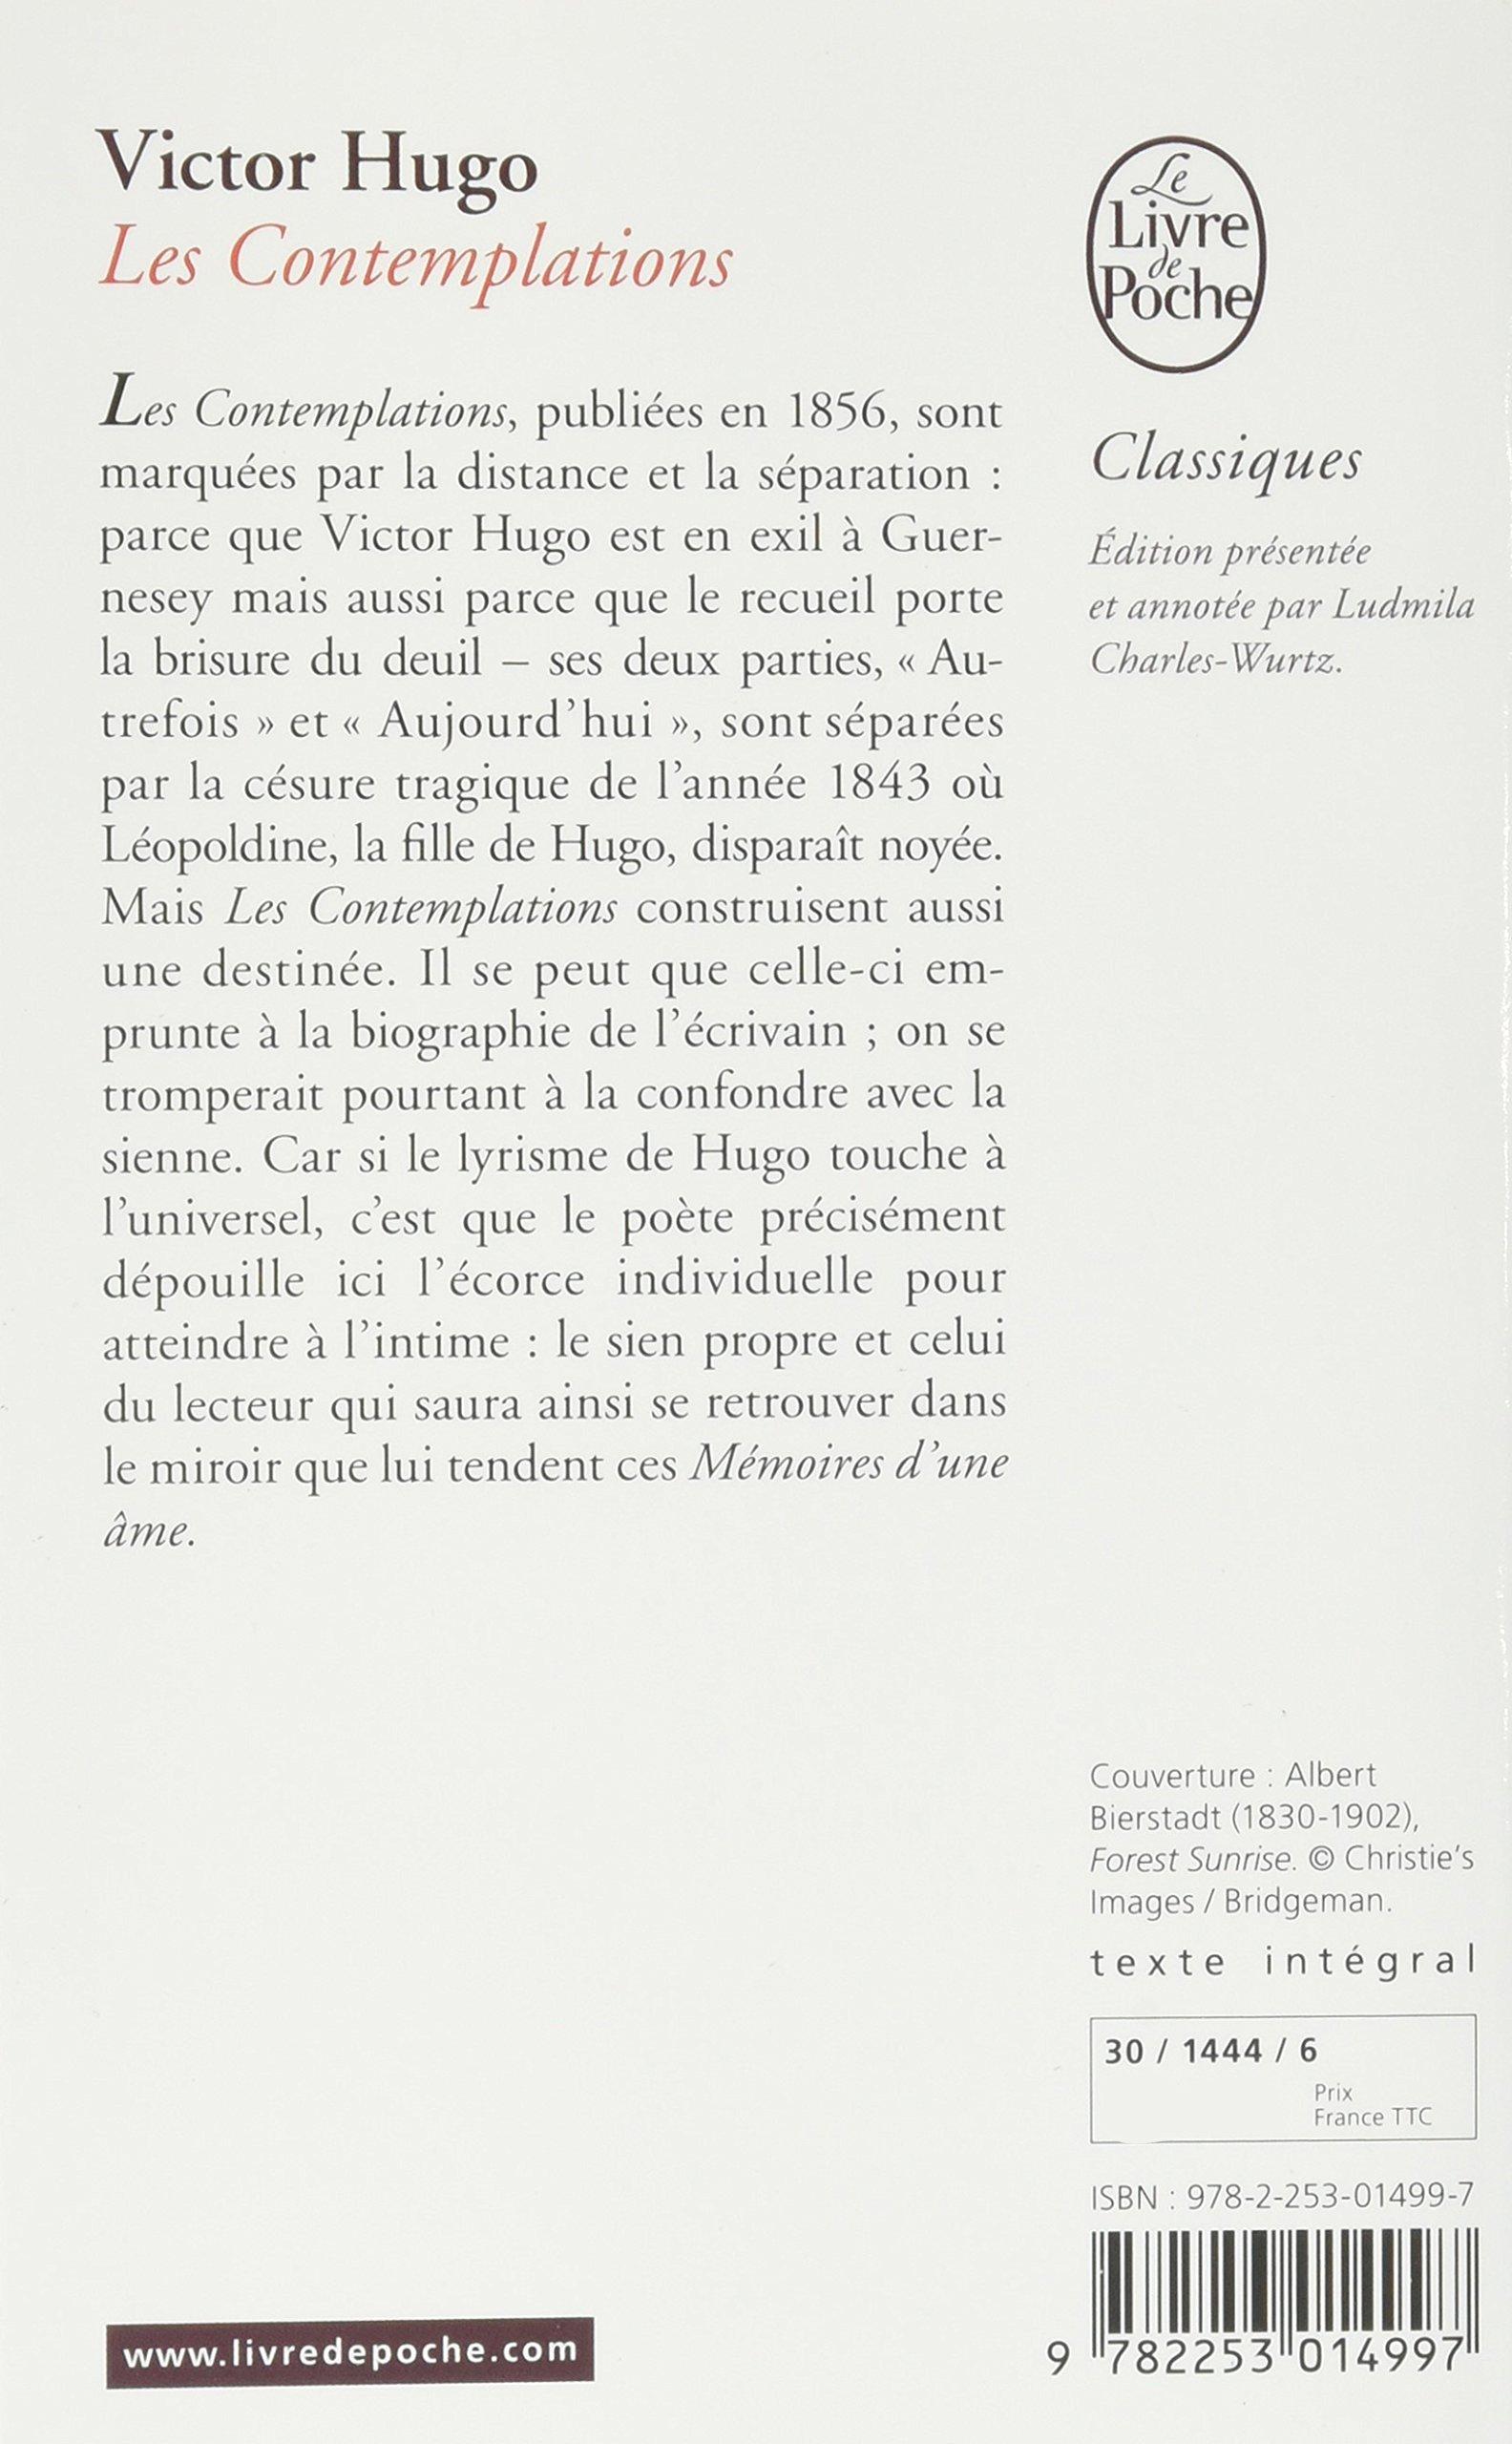 Les Contemplations Le Livre De Poche Amazones Victor